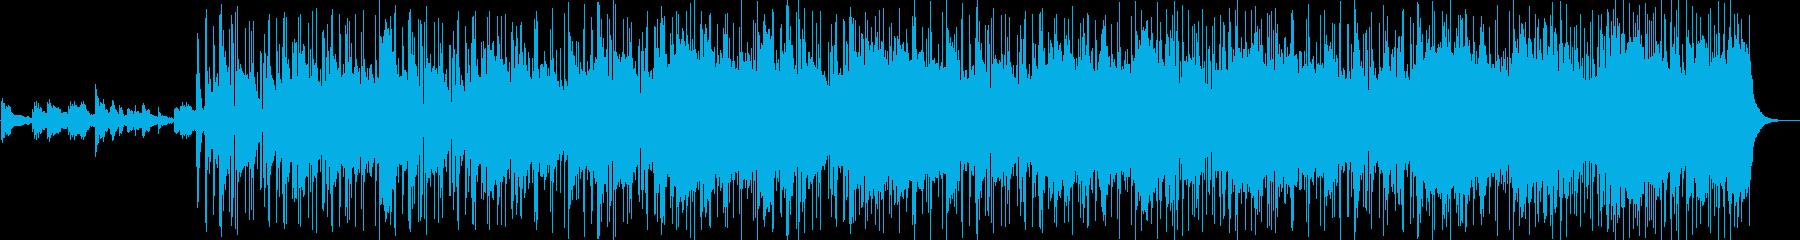 ゆったりとした穏やかなバラードの再生済みの波形